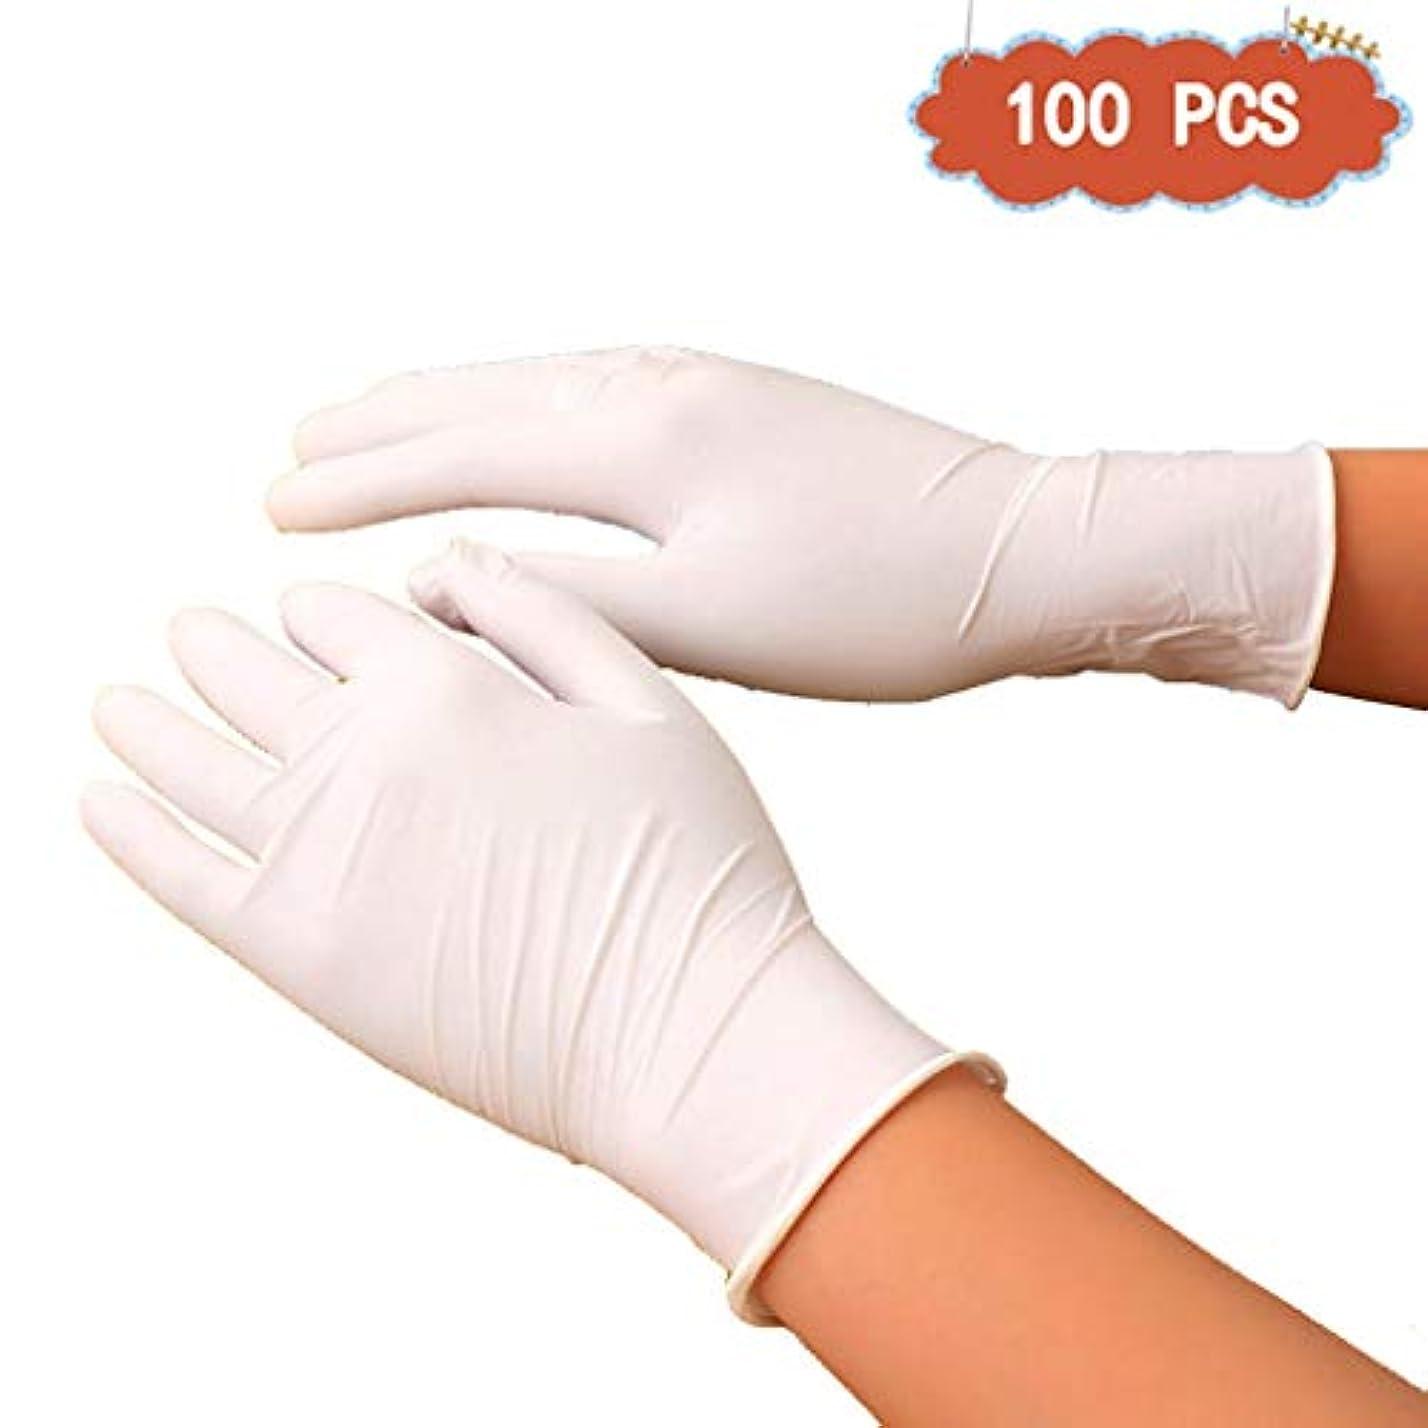 書き出すバウンドタクトニトリルホームクリーニングと酸とアルカリ使い捨て手袋ペットケアネイルアート検査保護実験、美容院ラテックスフリー、パウダーフリー、両手利き、100個 (Color : White, Size : M)